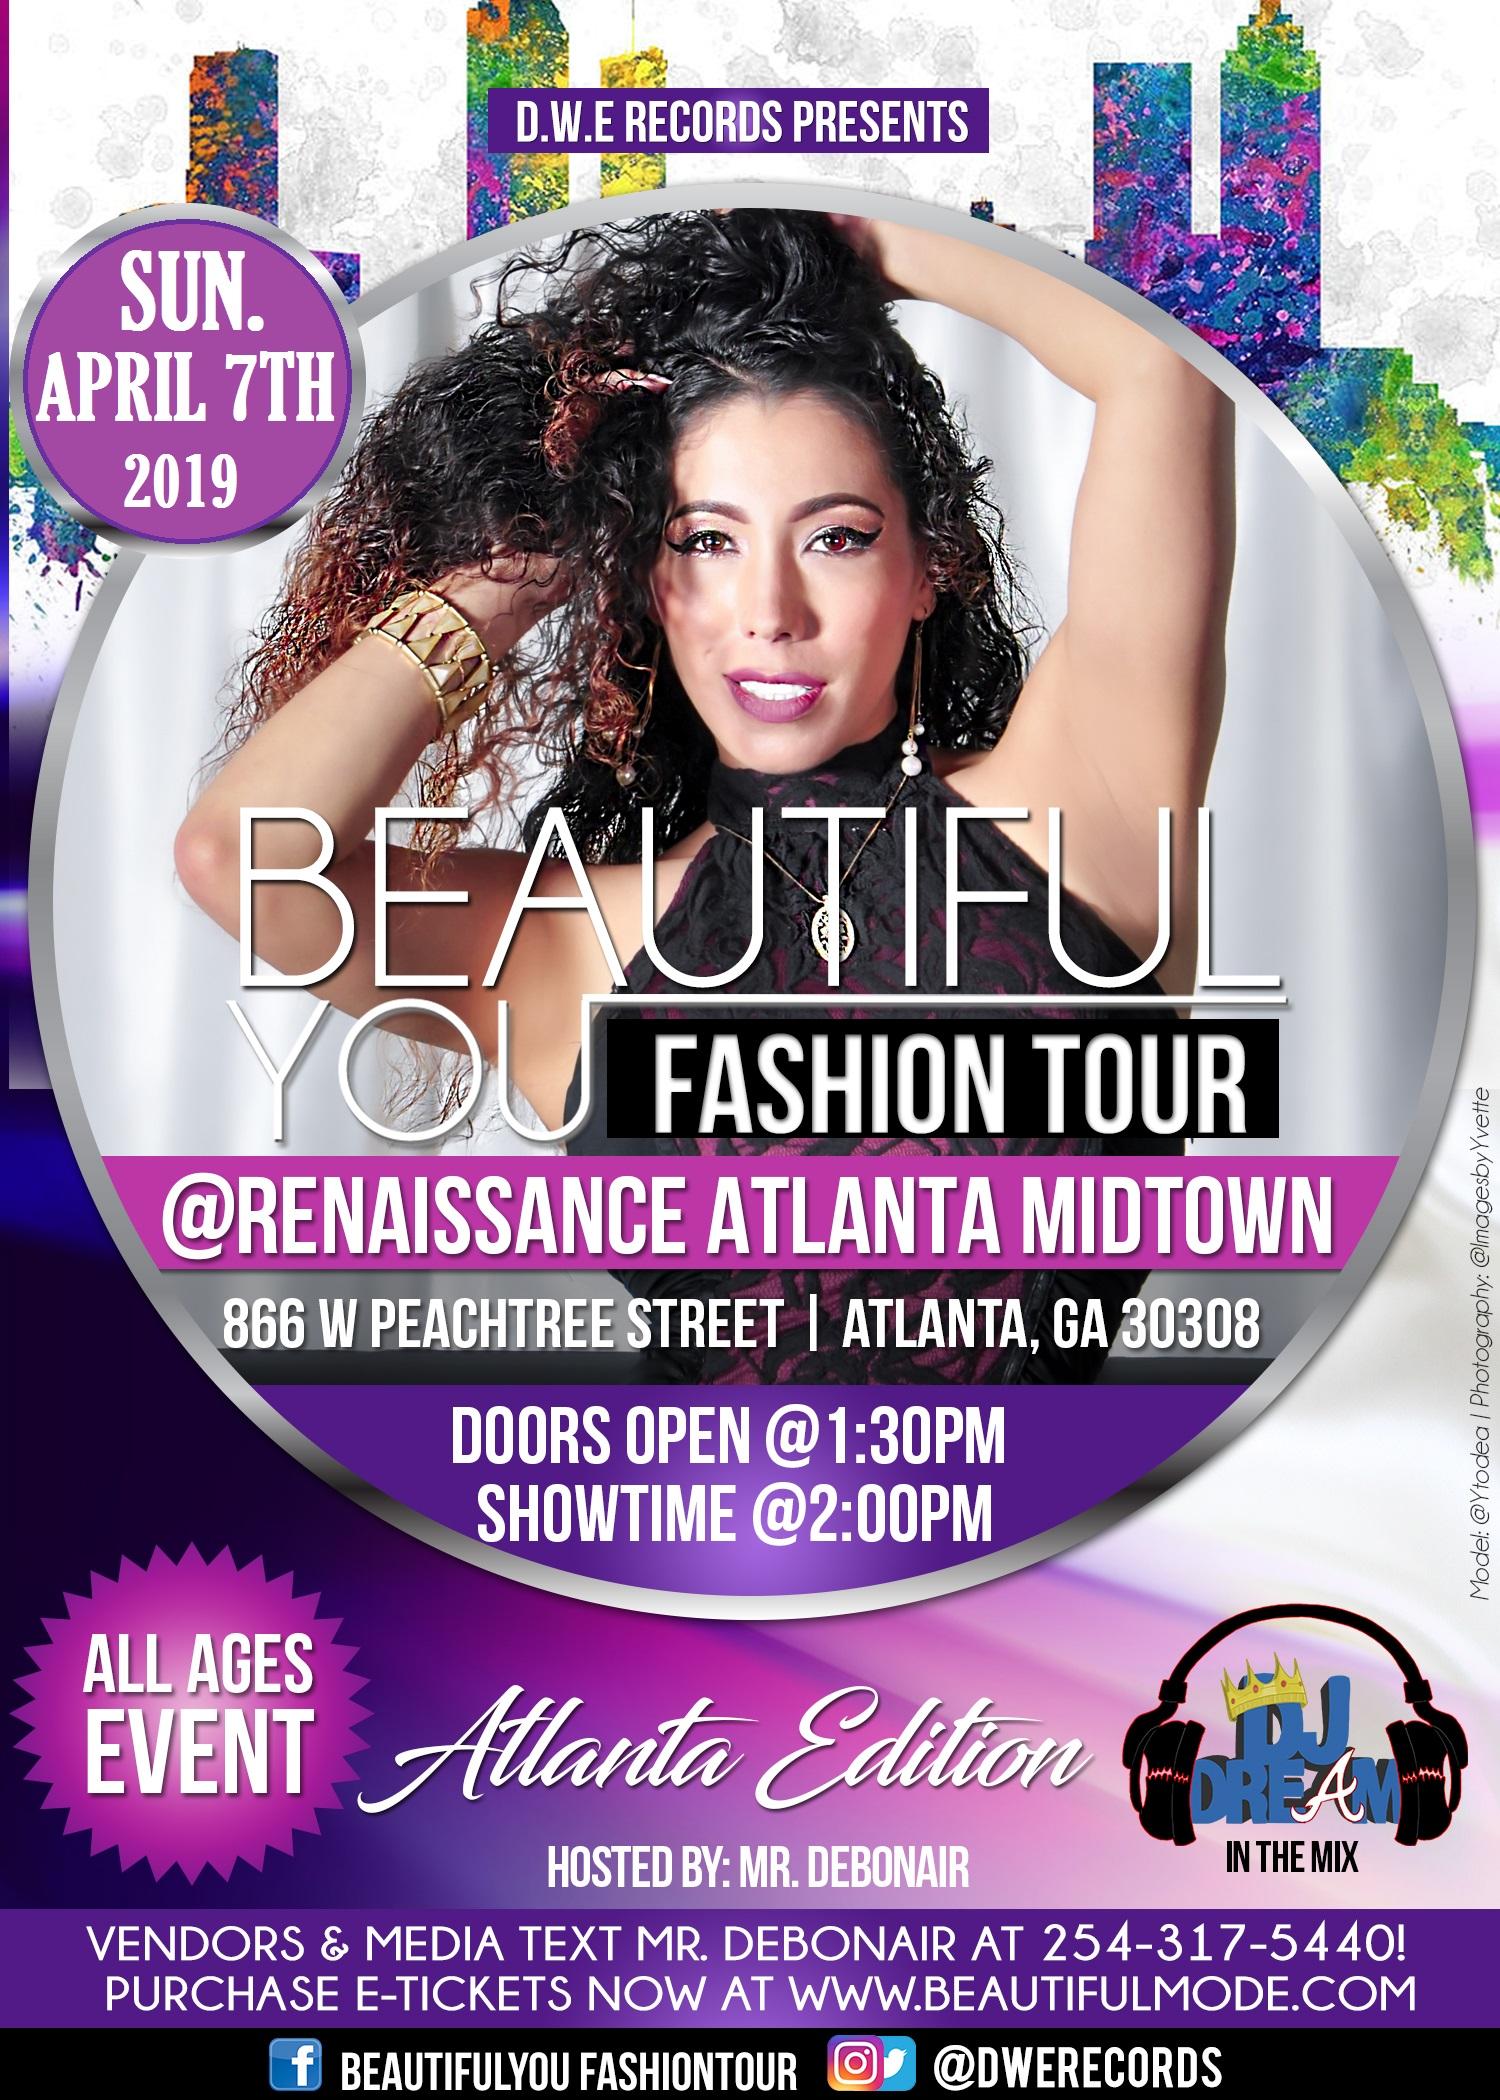 Atlanta, GA</a><br> by <a href='/profile/Mr-Debonair/'>Mr. Debonair</a>